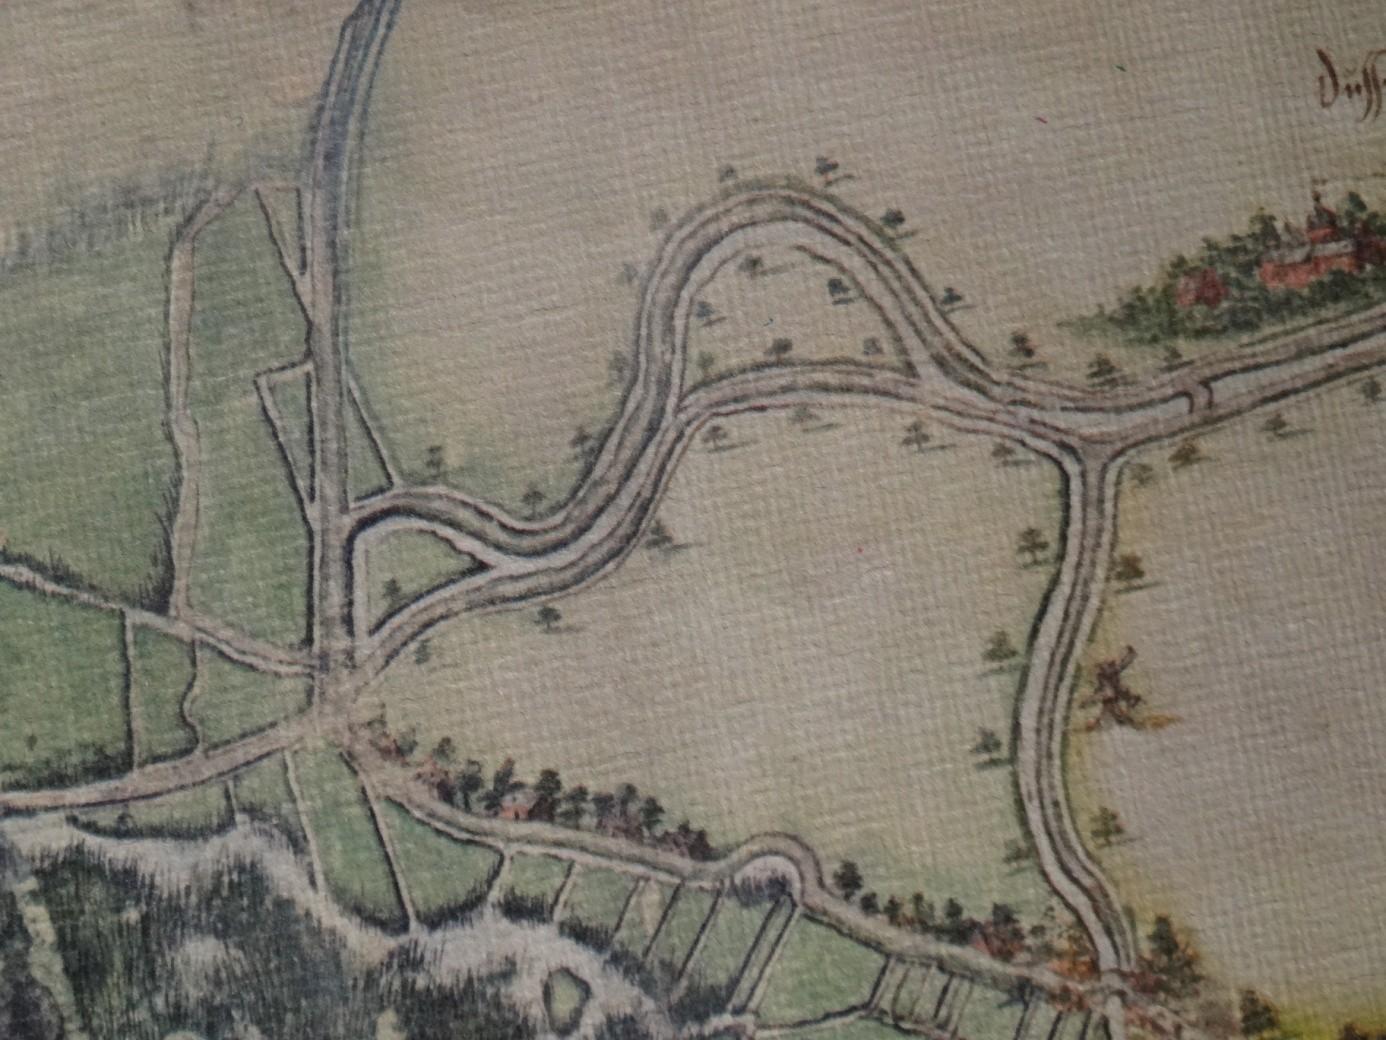 Dussendijk kruispunt /Oude straat anno 1562